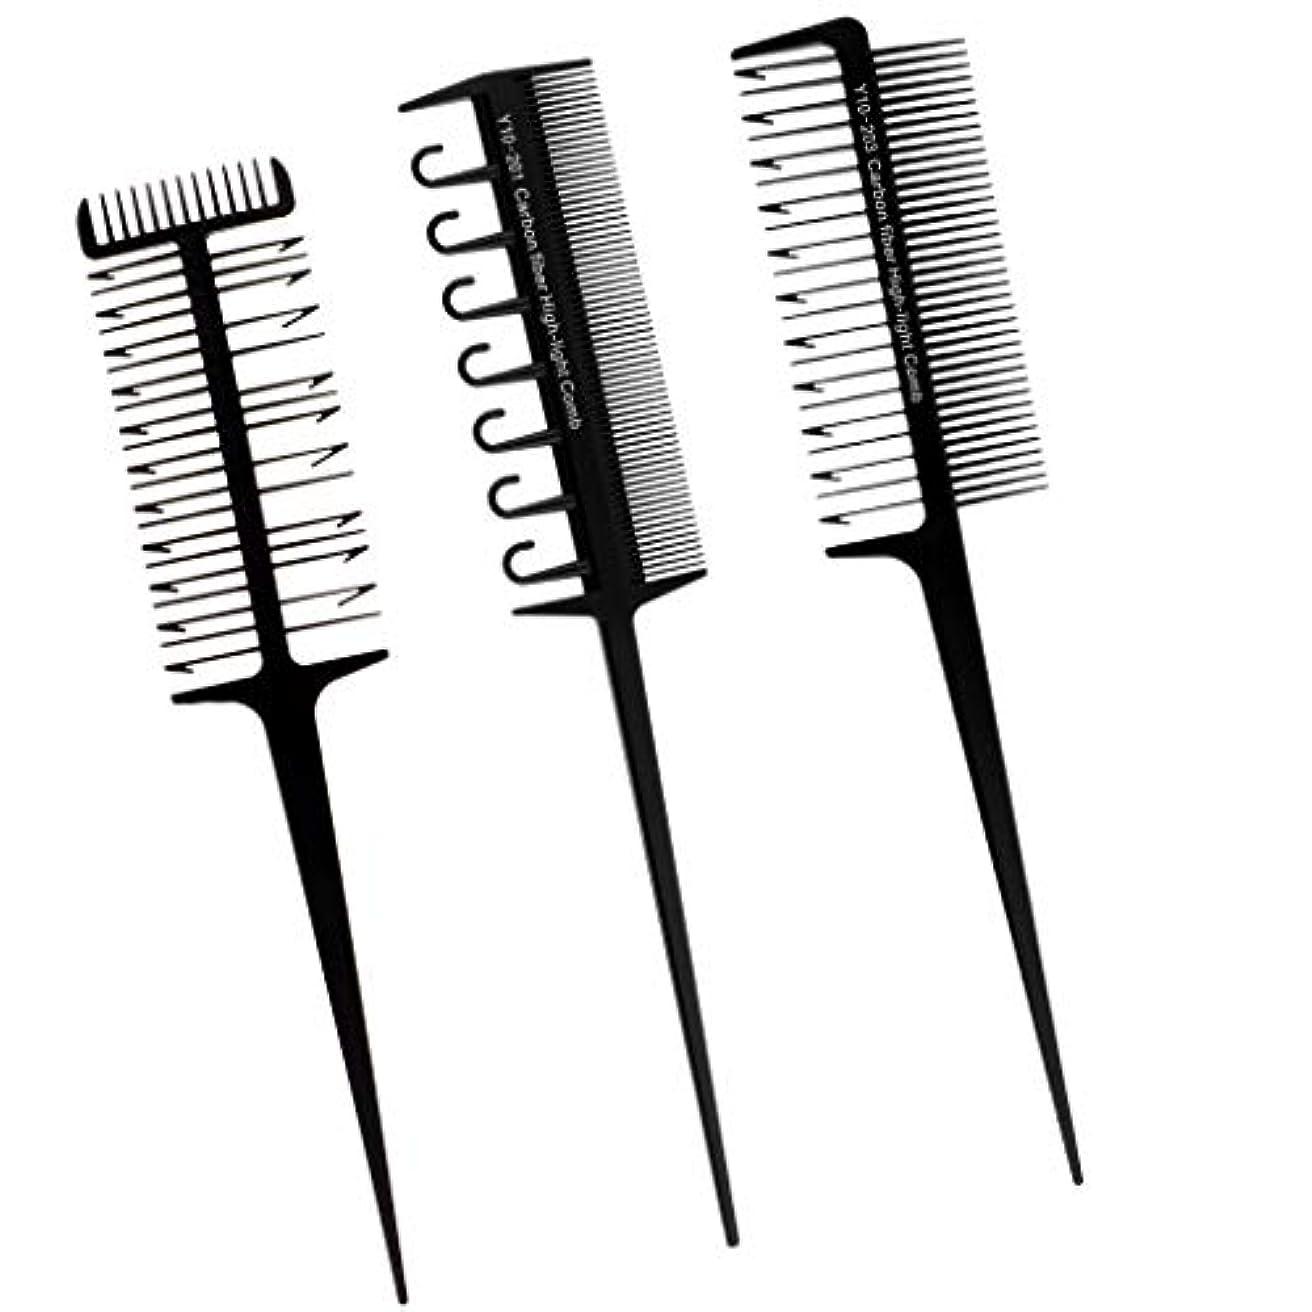 驚いたホステス教授ヘアダイブラシ プロ用 へアカラーセット DIY髪染め用 サロン 美髪師用 ヘアカラーの用具 3本入